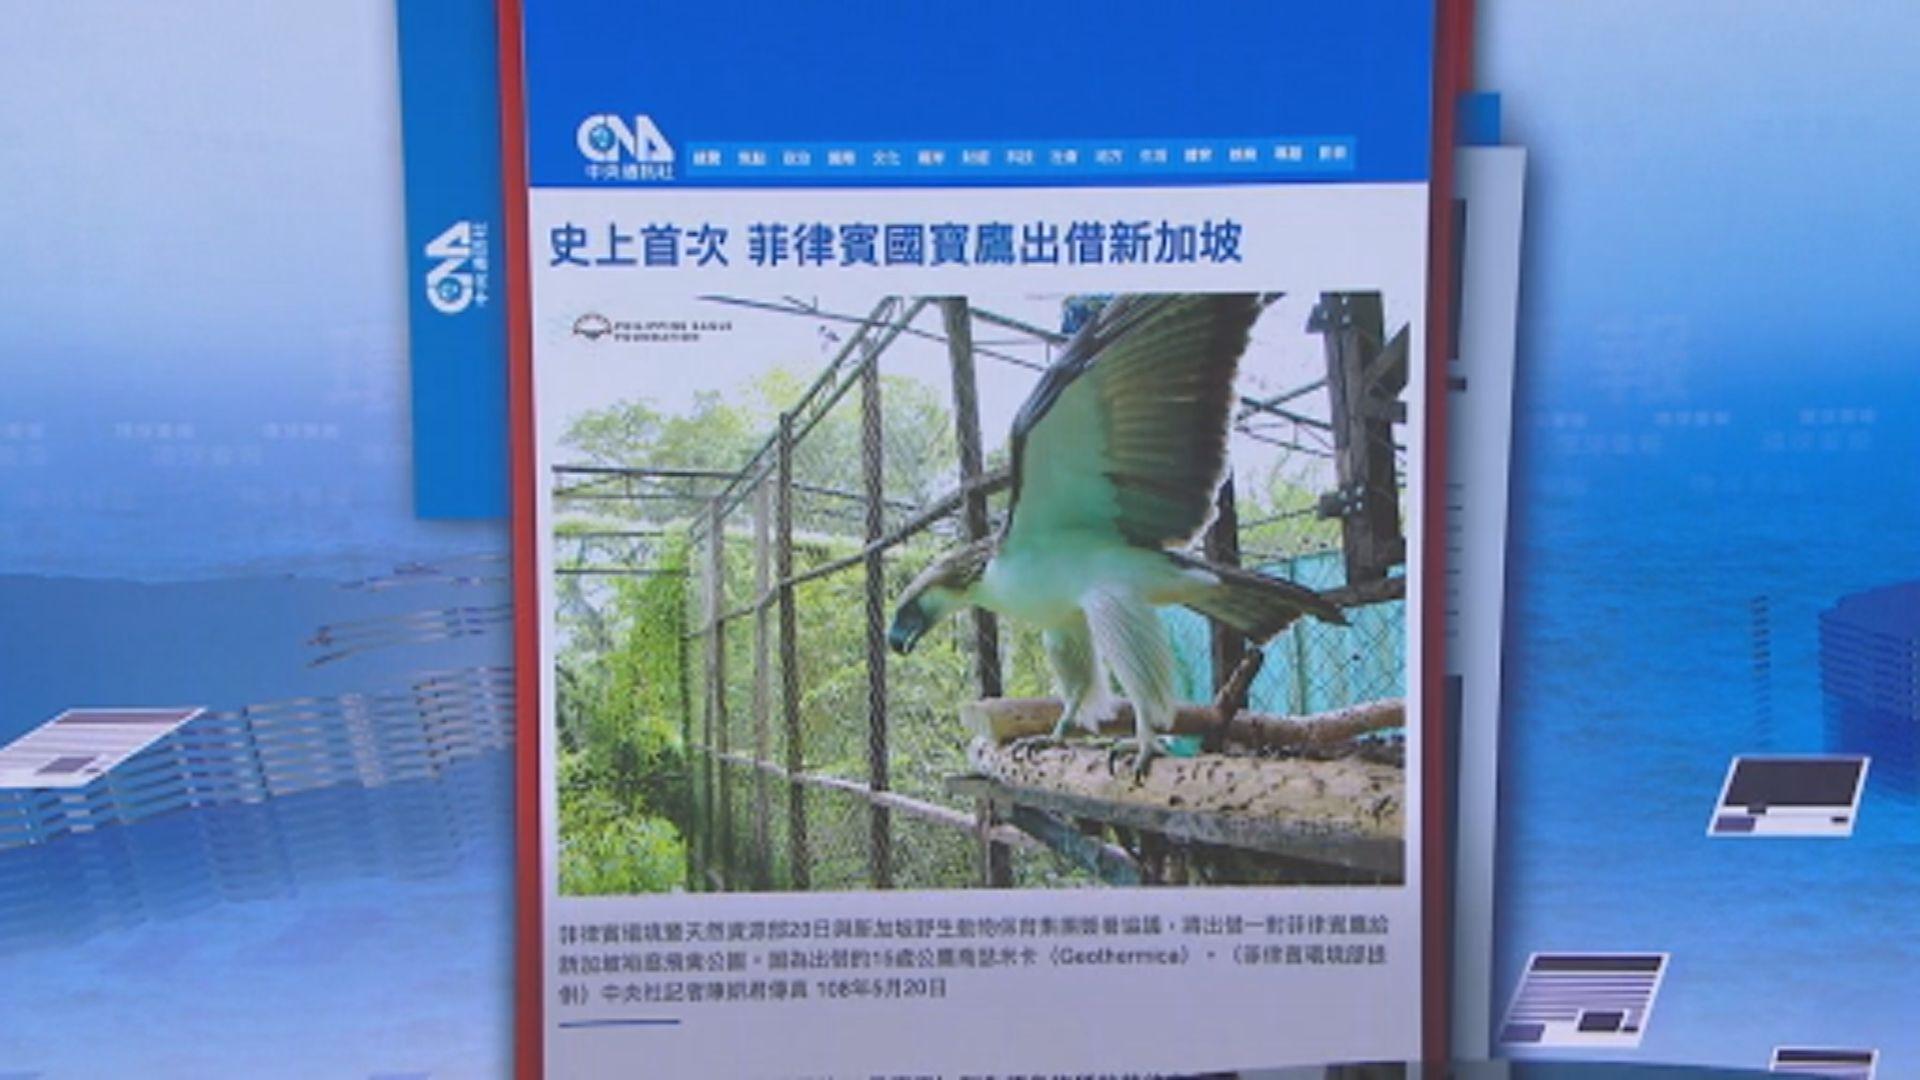 【環球薈報】菲律賓首次對外借出極度瀕危國鳥